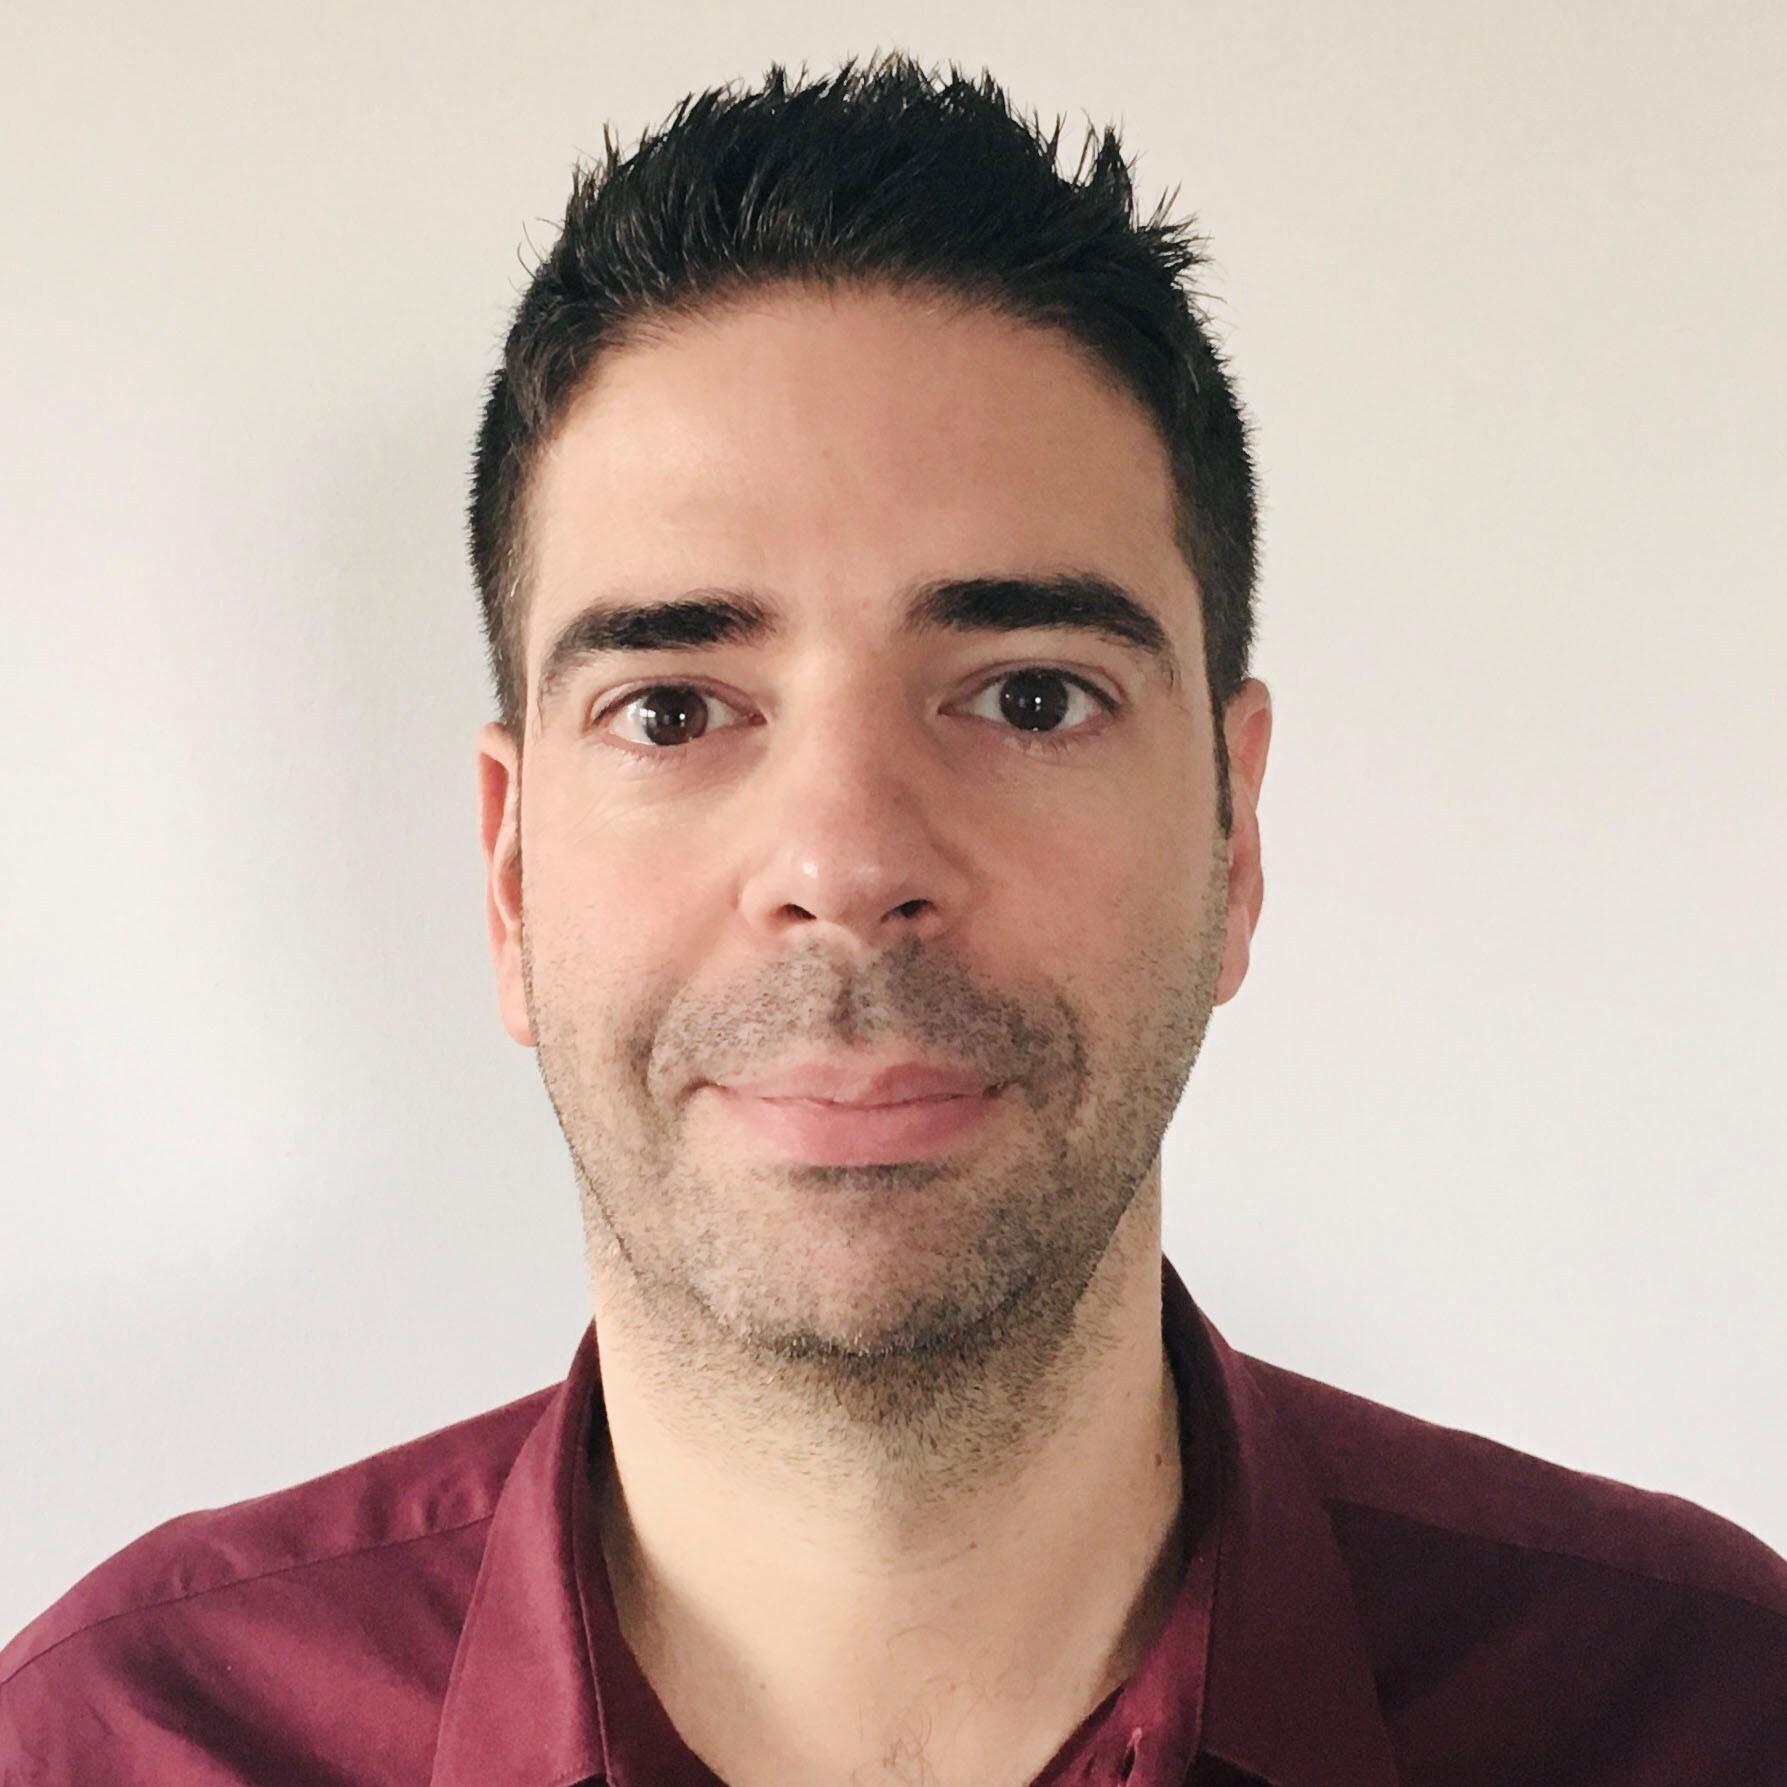 Nuno N. Correia